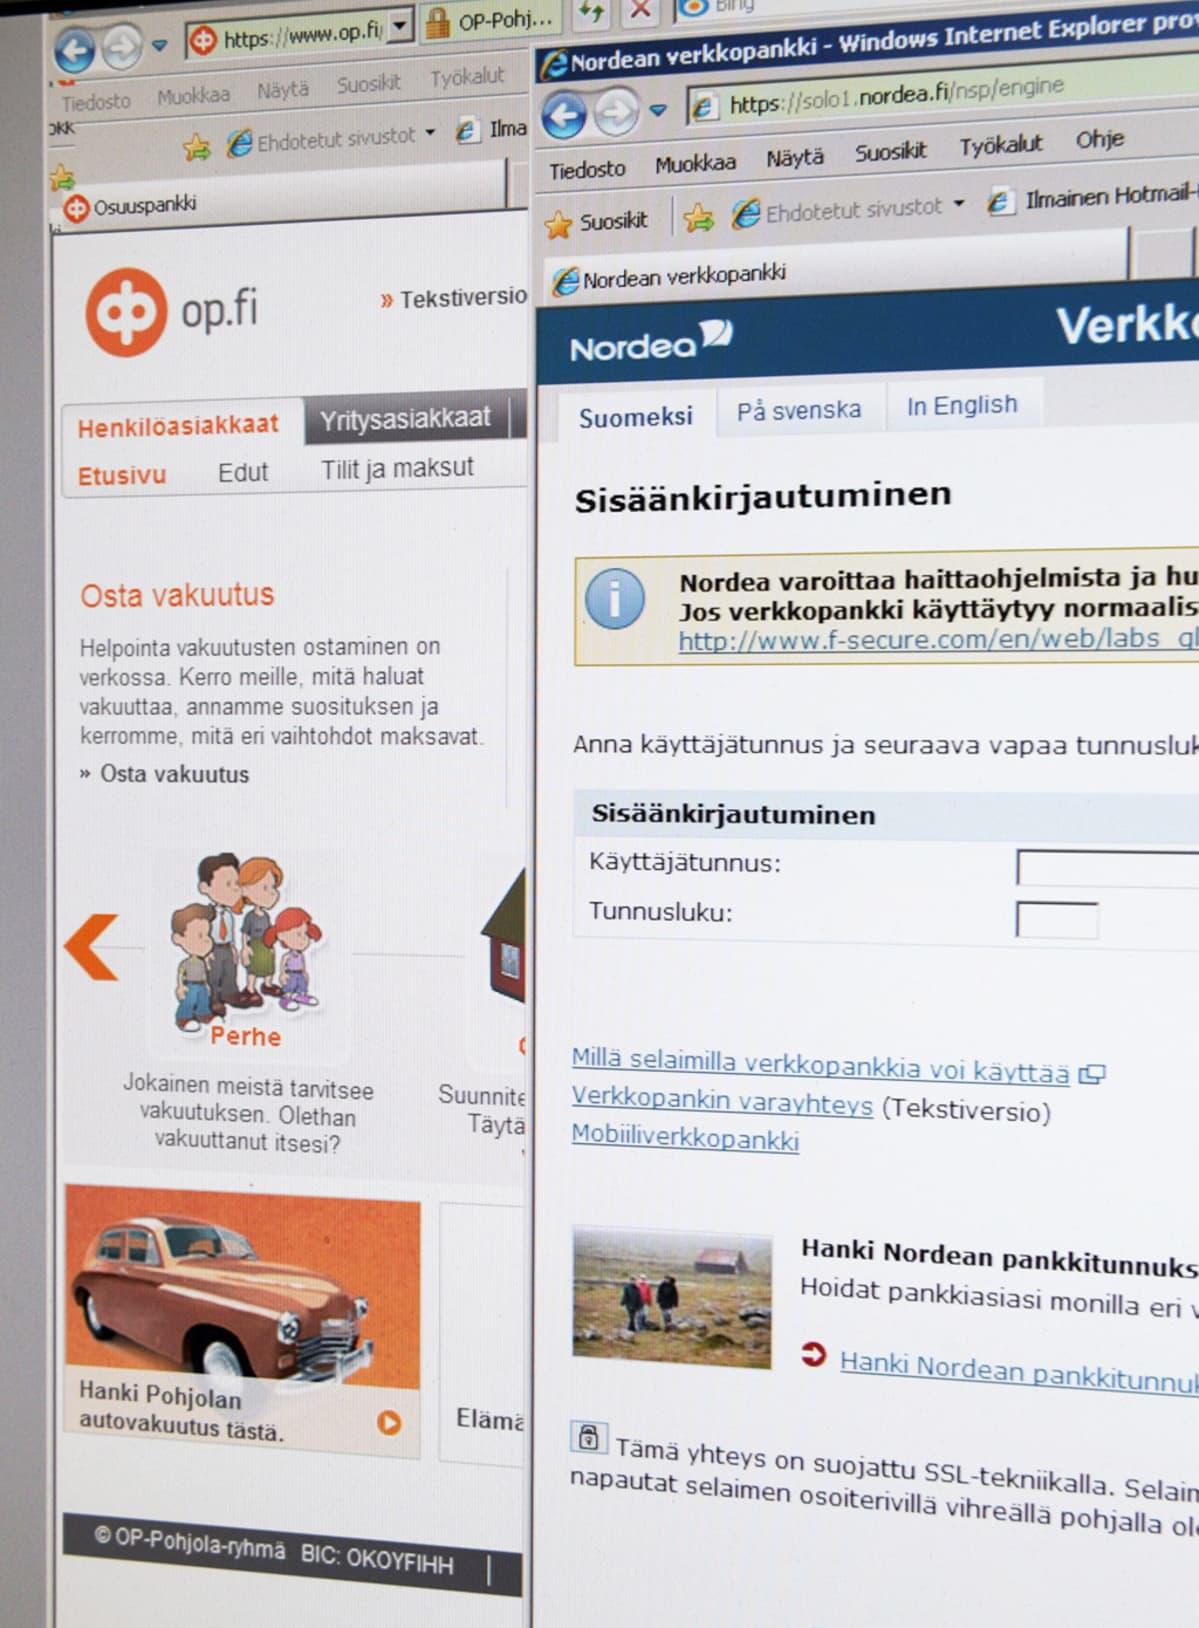 OP-Pohjolan ja Nordean verkkopankki-sivustot kuvattuna tietokoneen näytöltä.